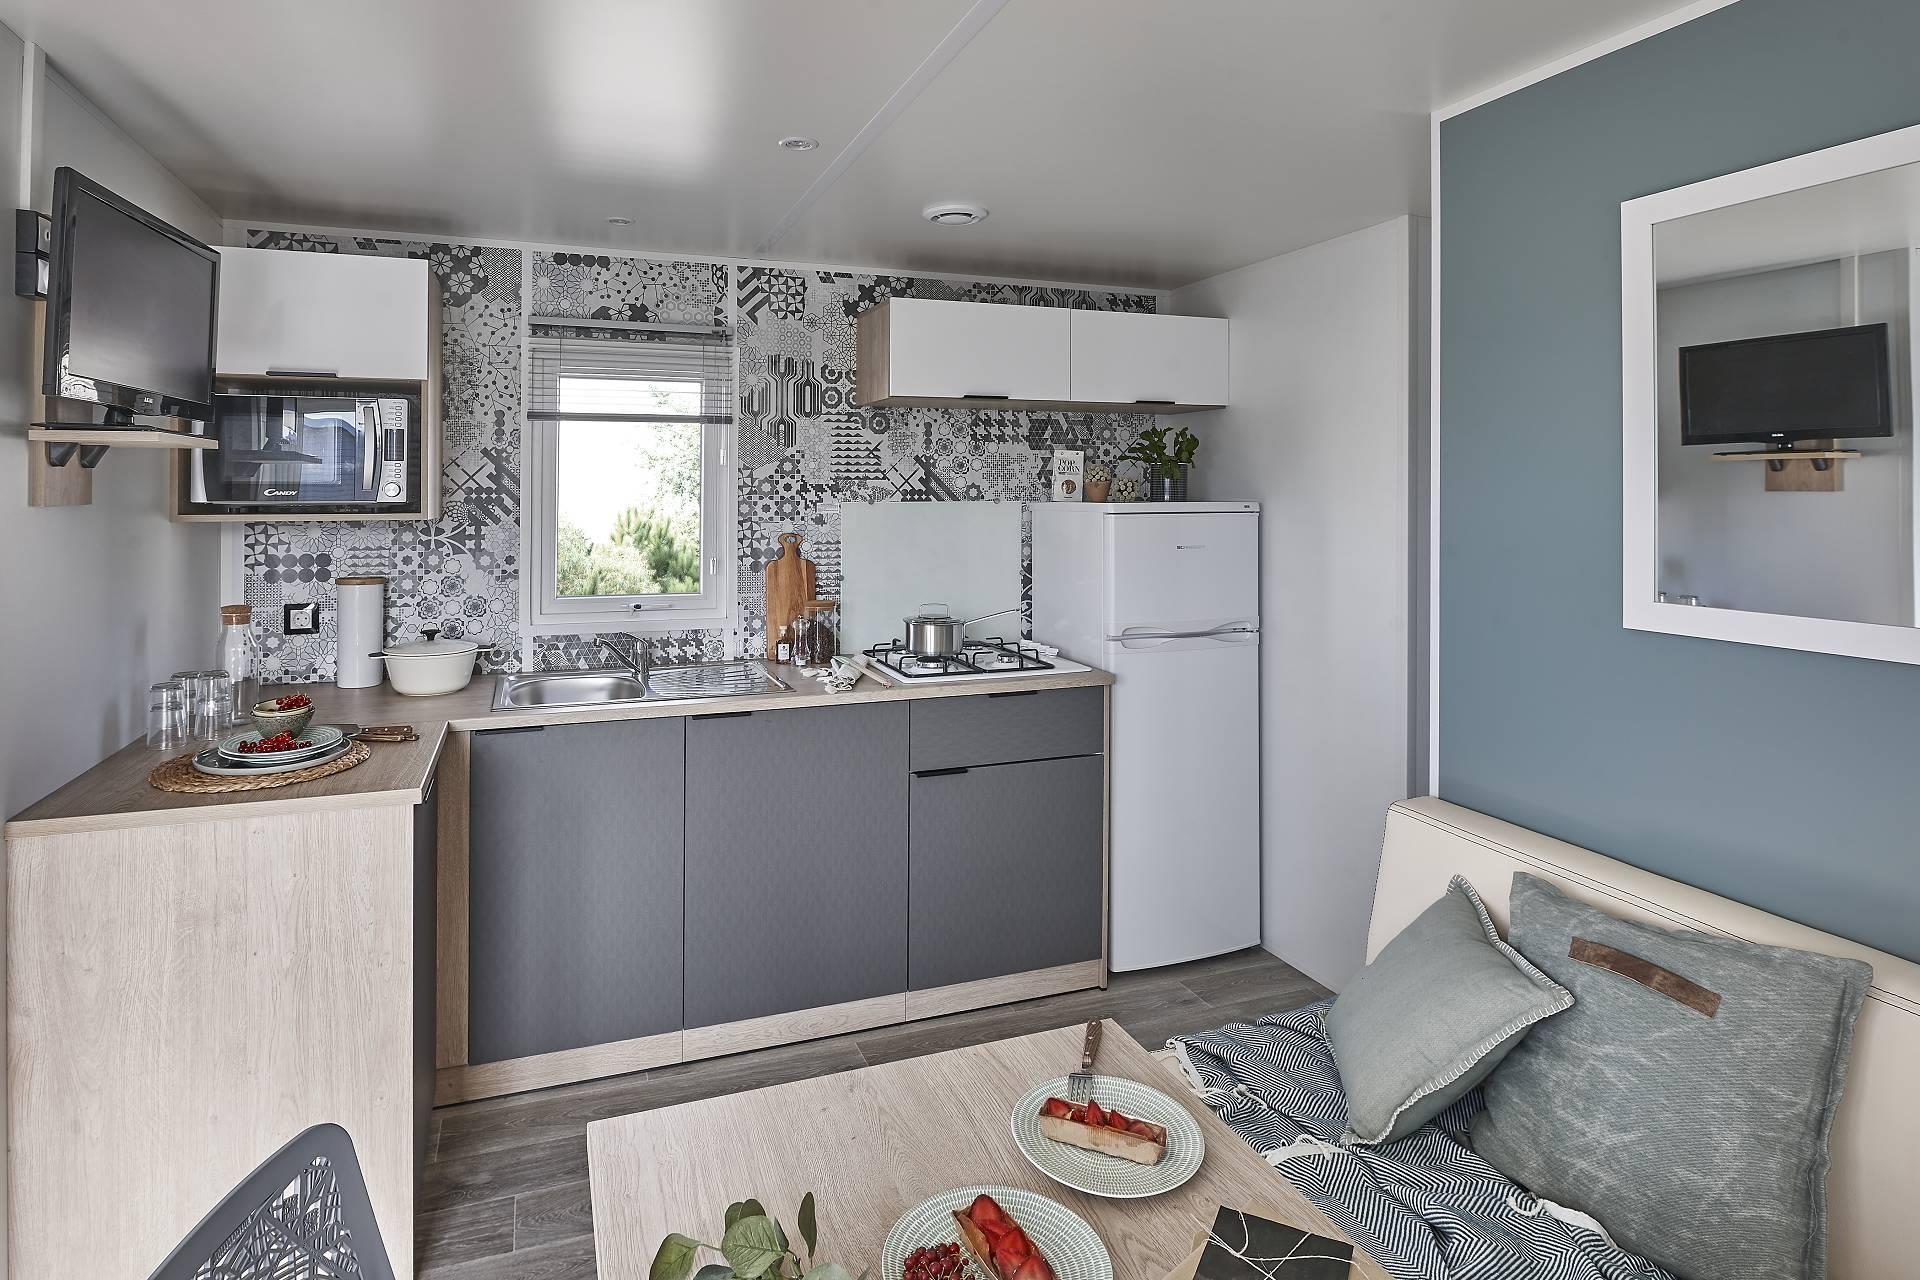 Location - Nouveauté 2020 ! Cottage Neuf Lodge Jolie Vue Étang - Tv  Climatisation, Terrasse Couverte - Camping Sites et Paysages Etang de Bazange